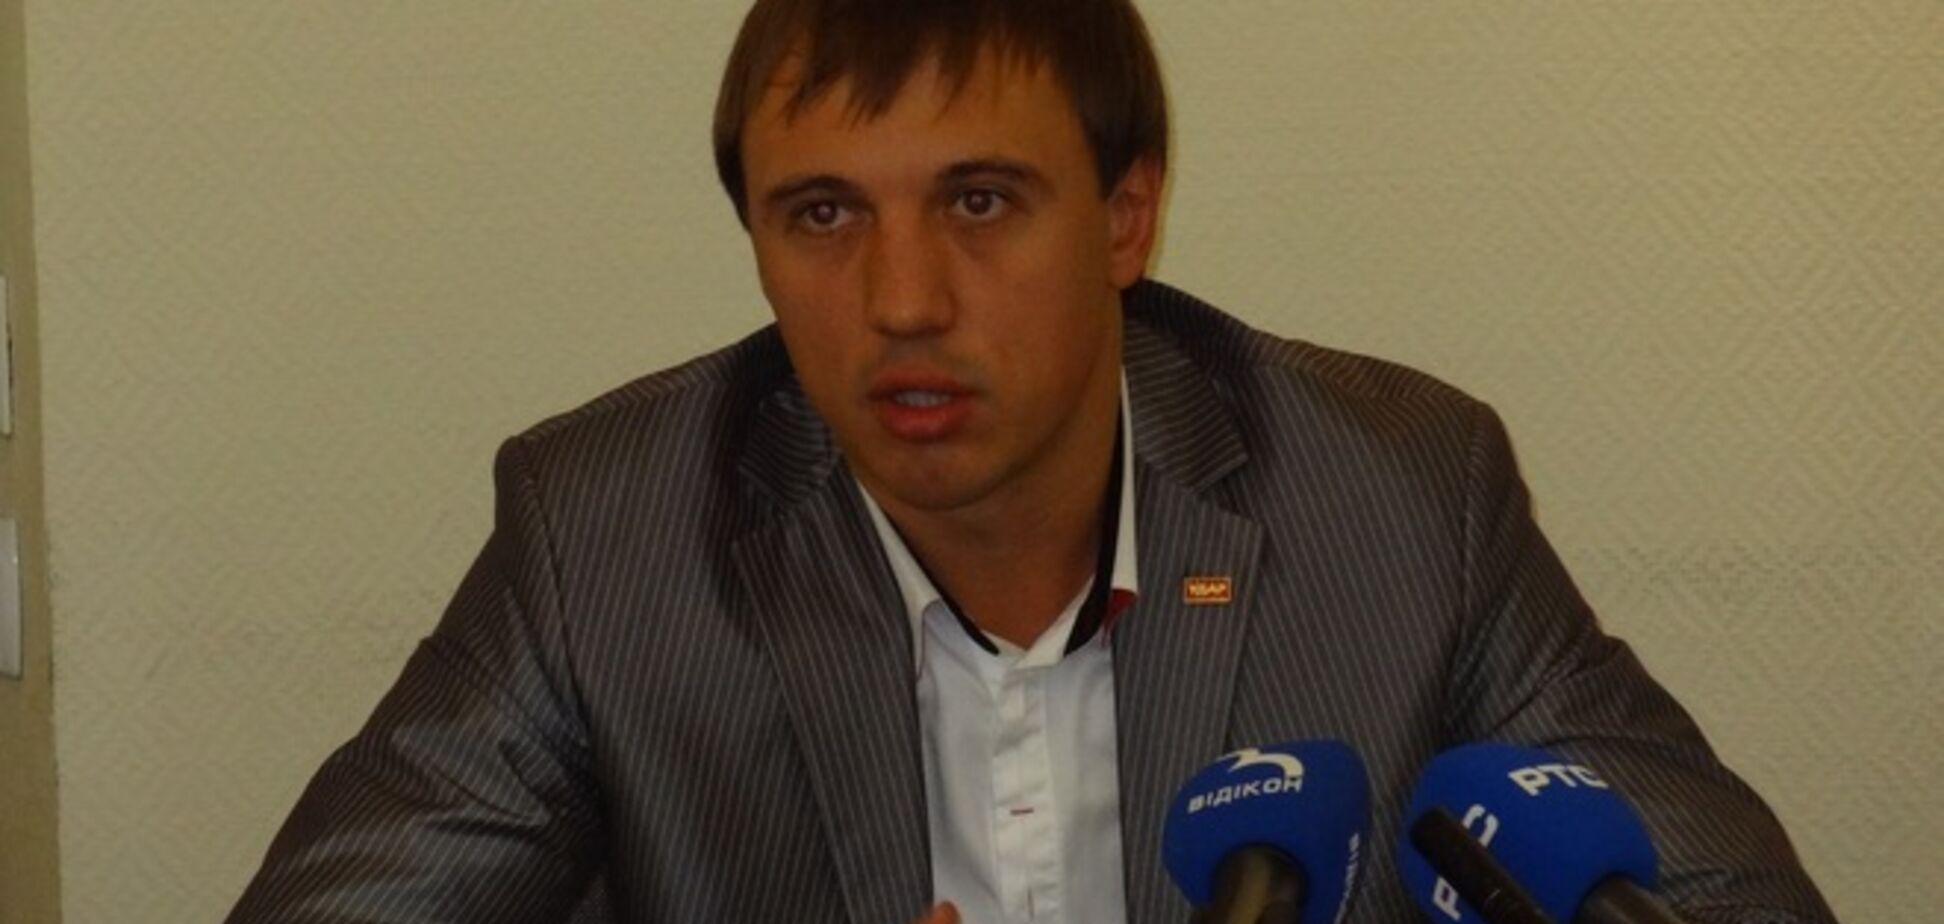 Главу избирательного штаба Порошенко на Сумщине могли похитить из-за его политической деятельности